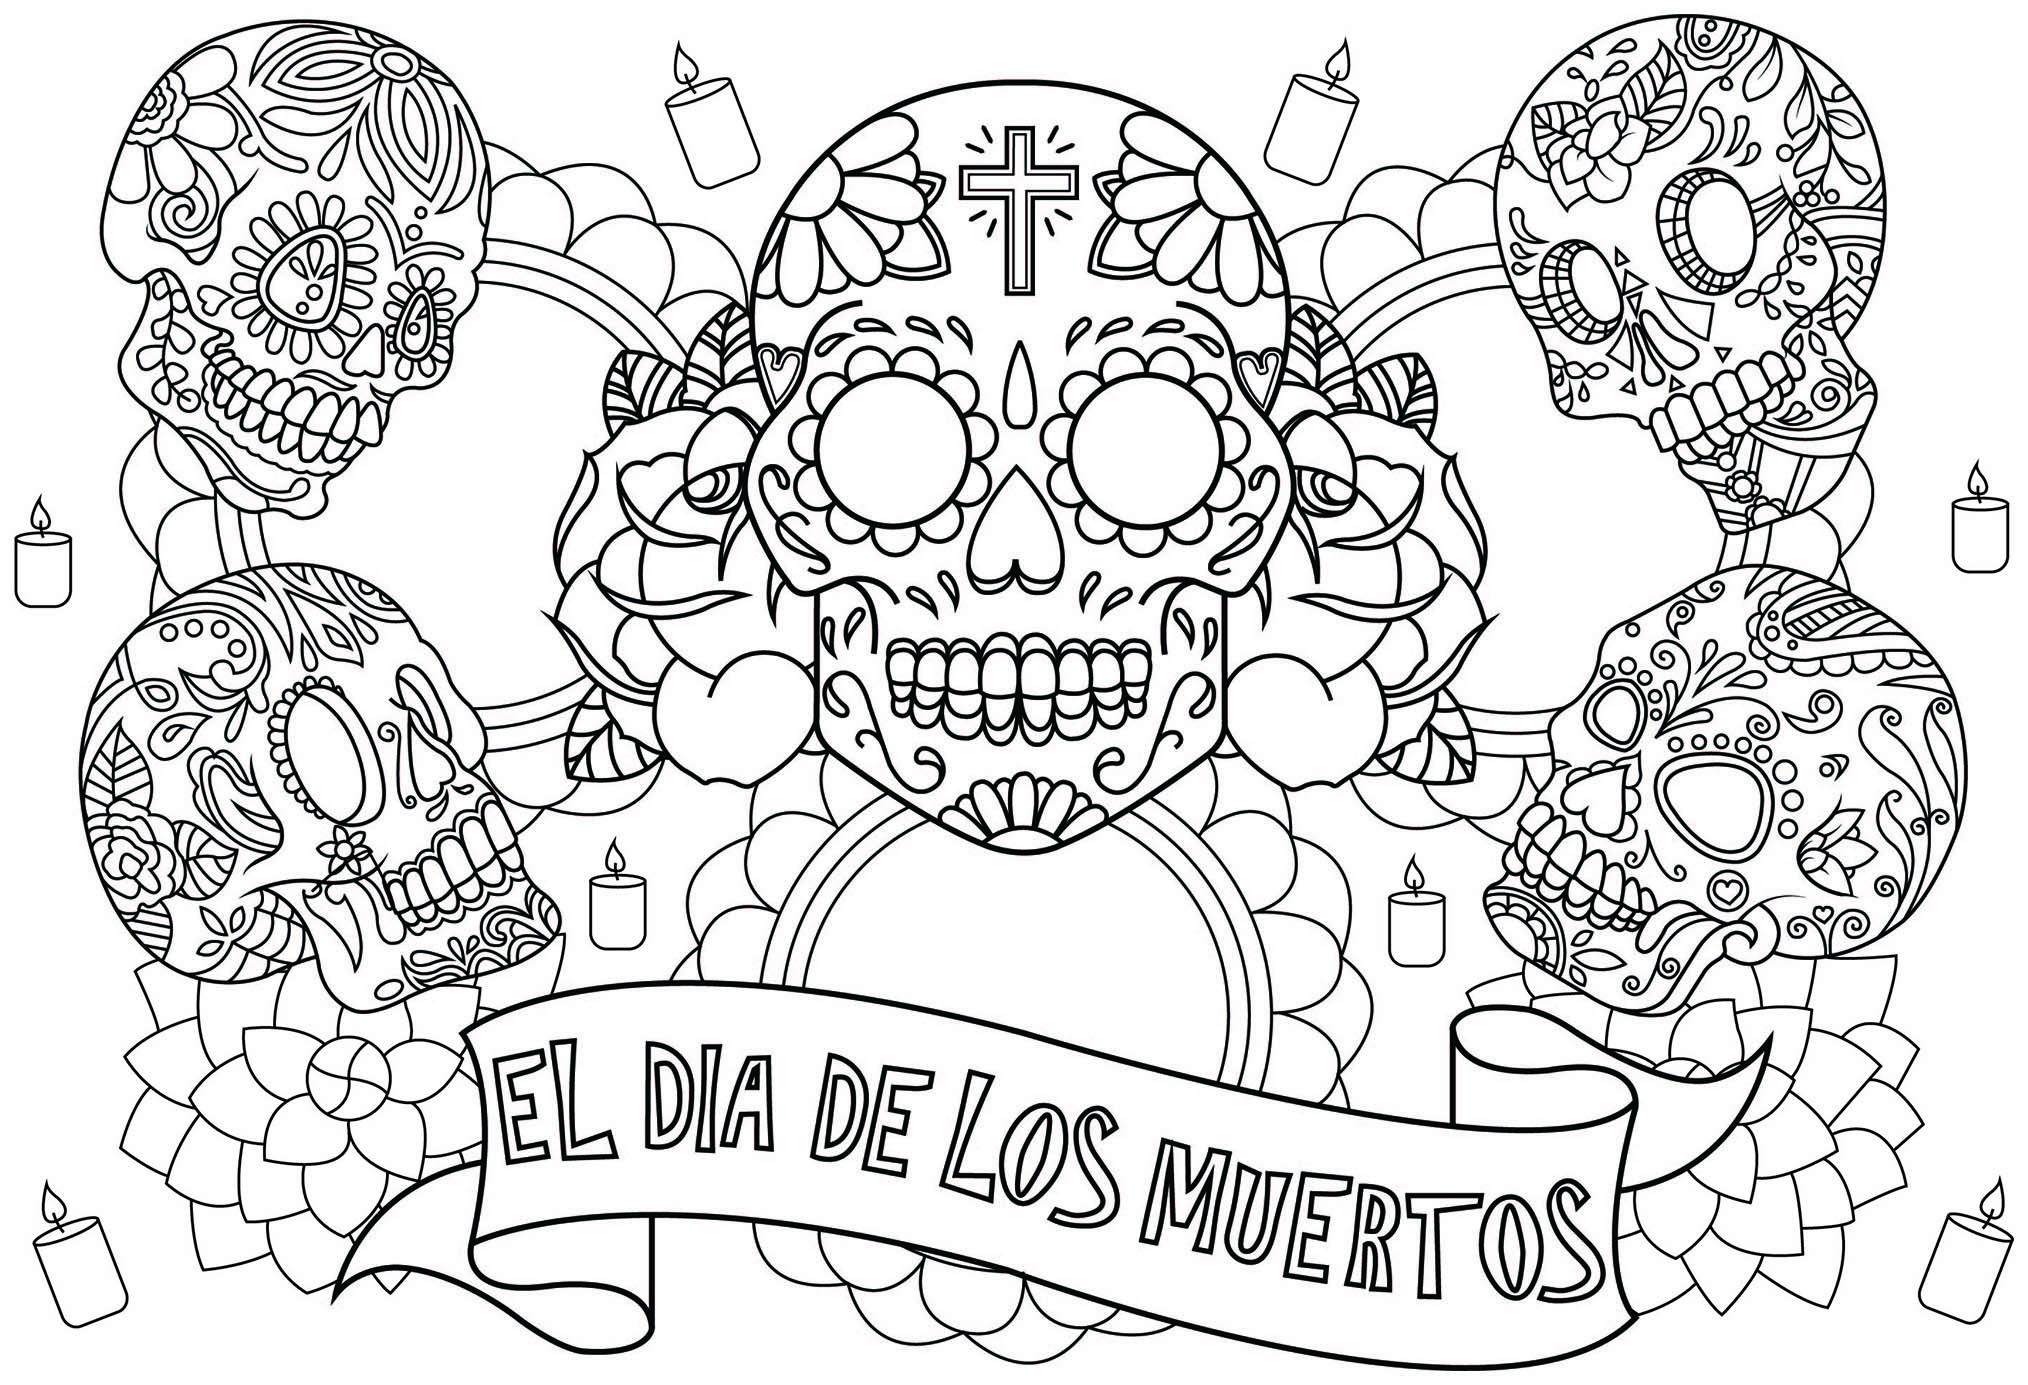 Coloriage pour célébrer 'El Día de los muertos' la célèbre fête mexicaine, avec cinq crânes